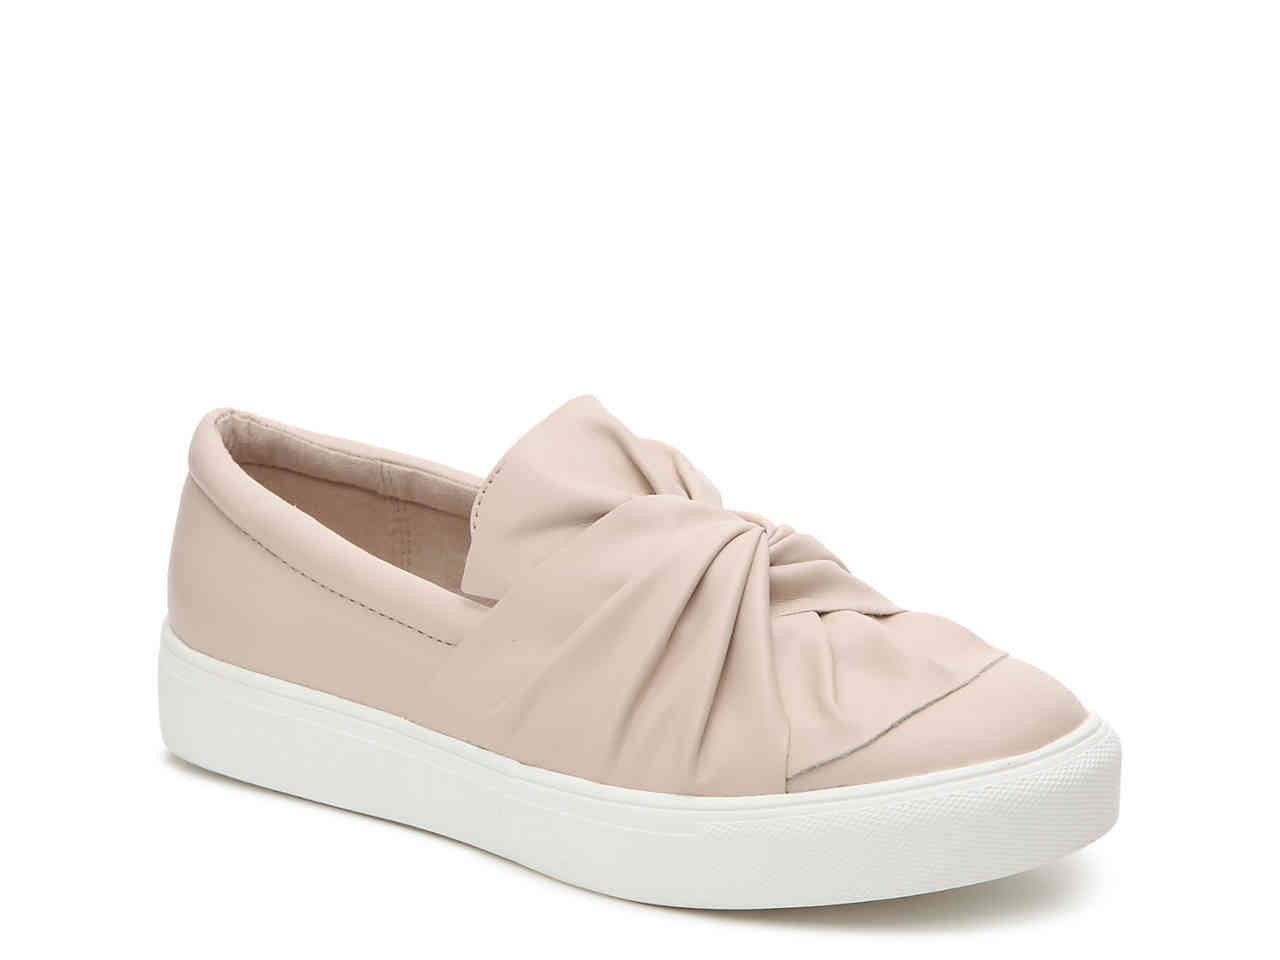 MIA Zoe Slip On Shoe | Slip on sneaker